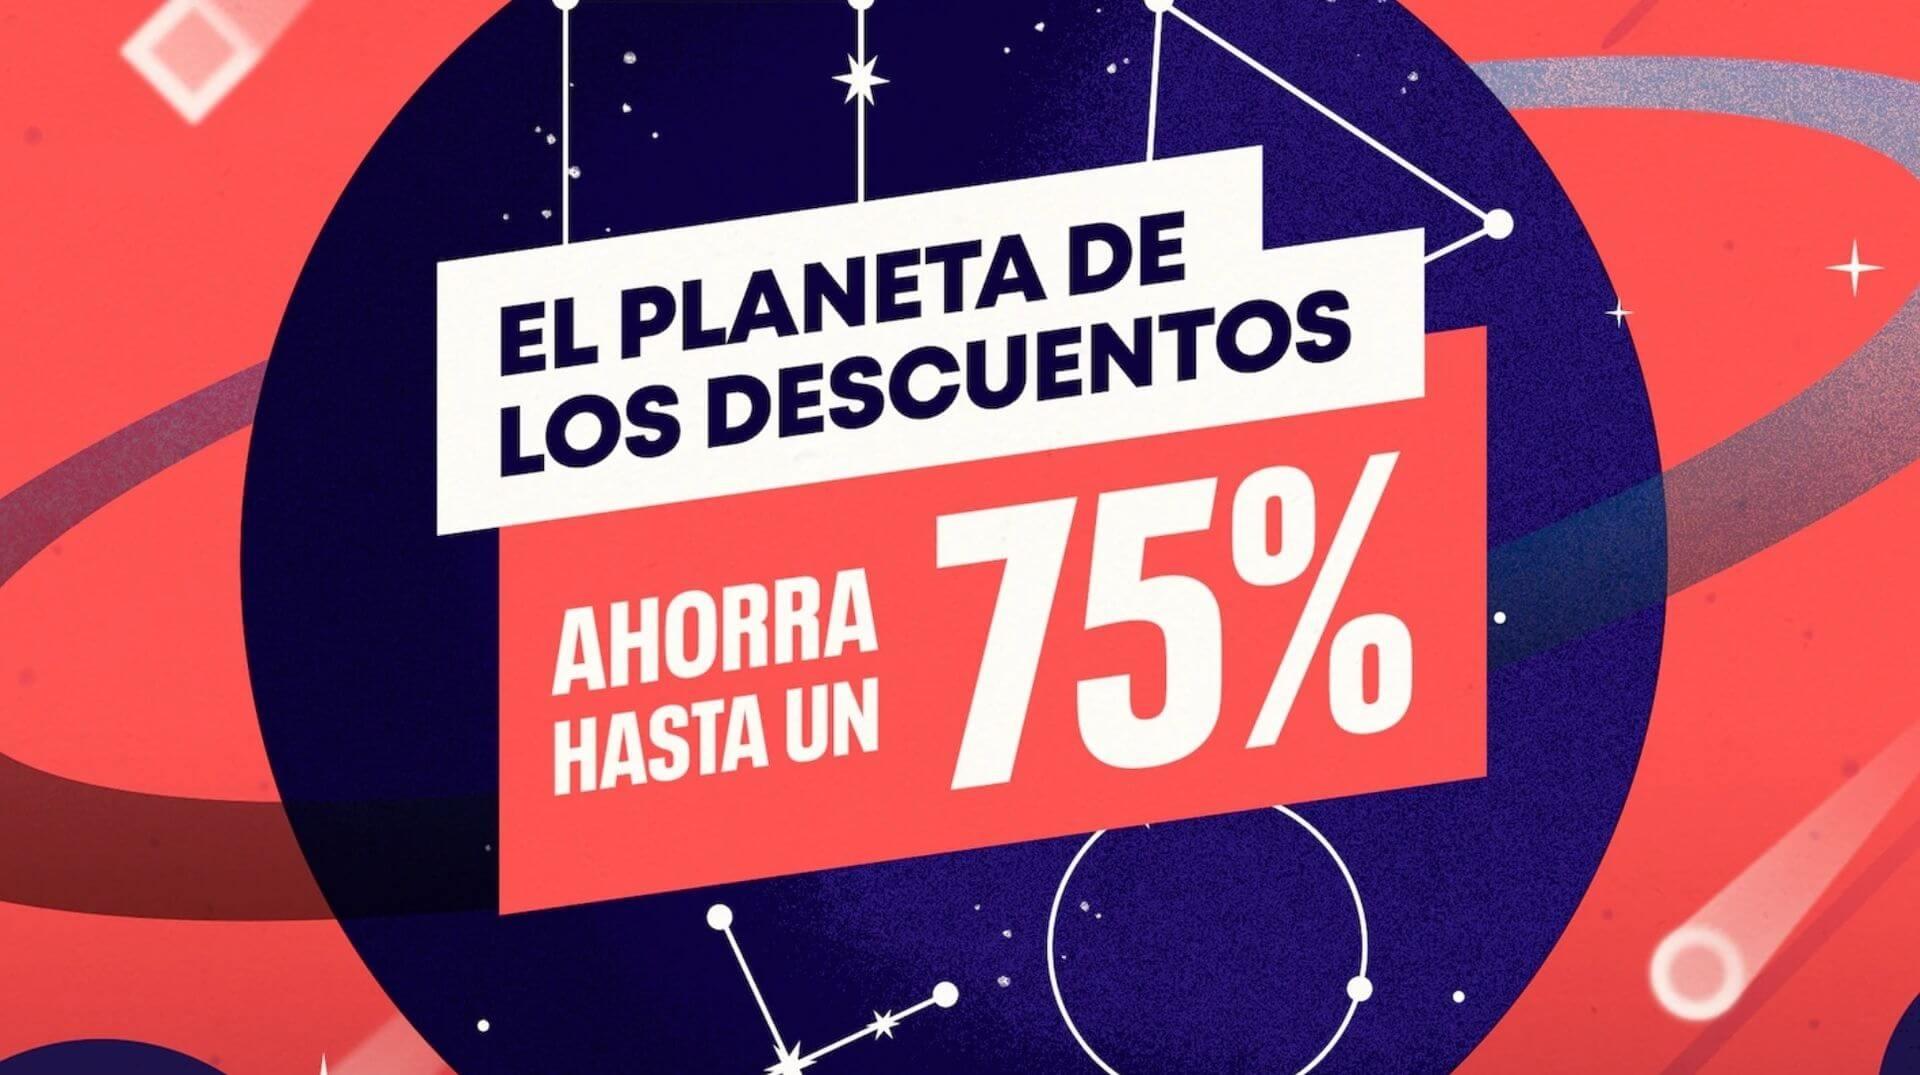 La promoción el Planeta de los Descuentos añade ofertas a la PS Store